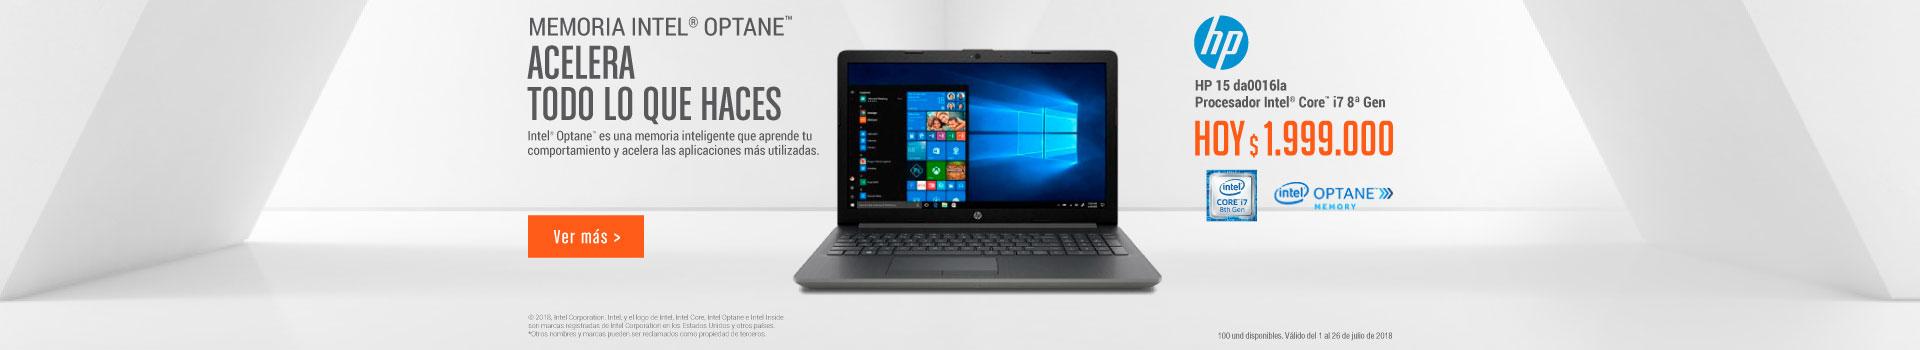 AK-KT-BCAT-5-computadores y tablets-PP---Hp-Portátil 15-da0016la-Jul18